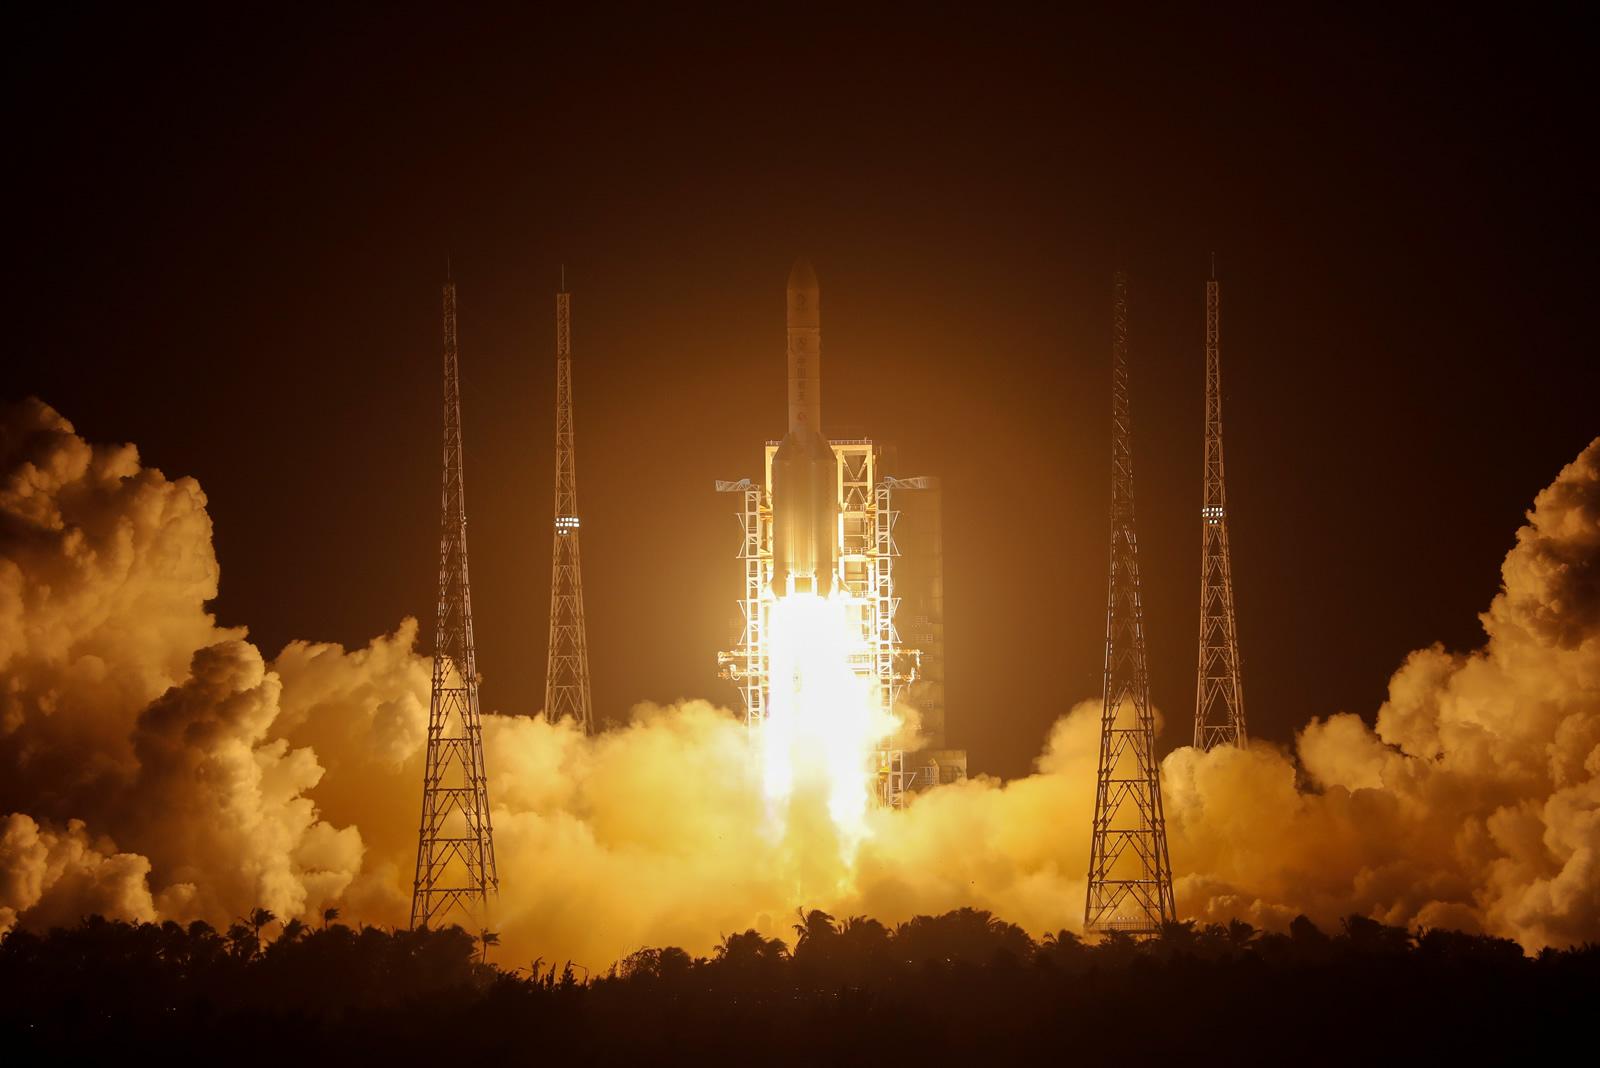 手机电子书软件_嫦娥五号顺利着陆月表,将开始收集土壤样本